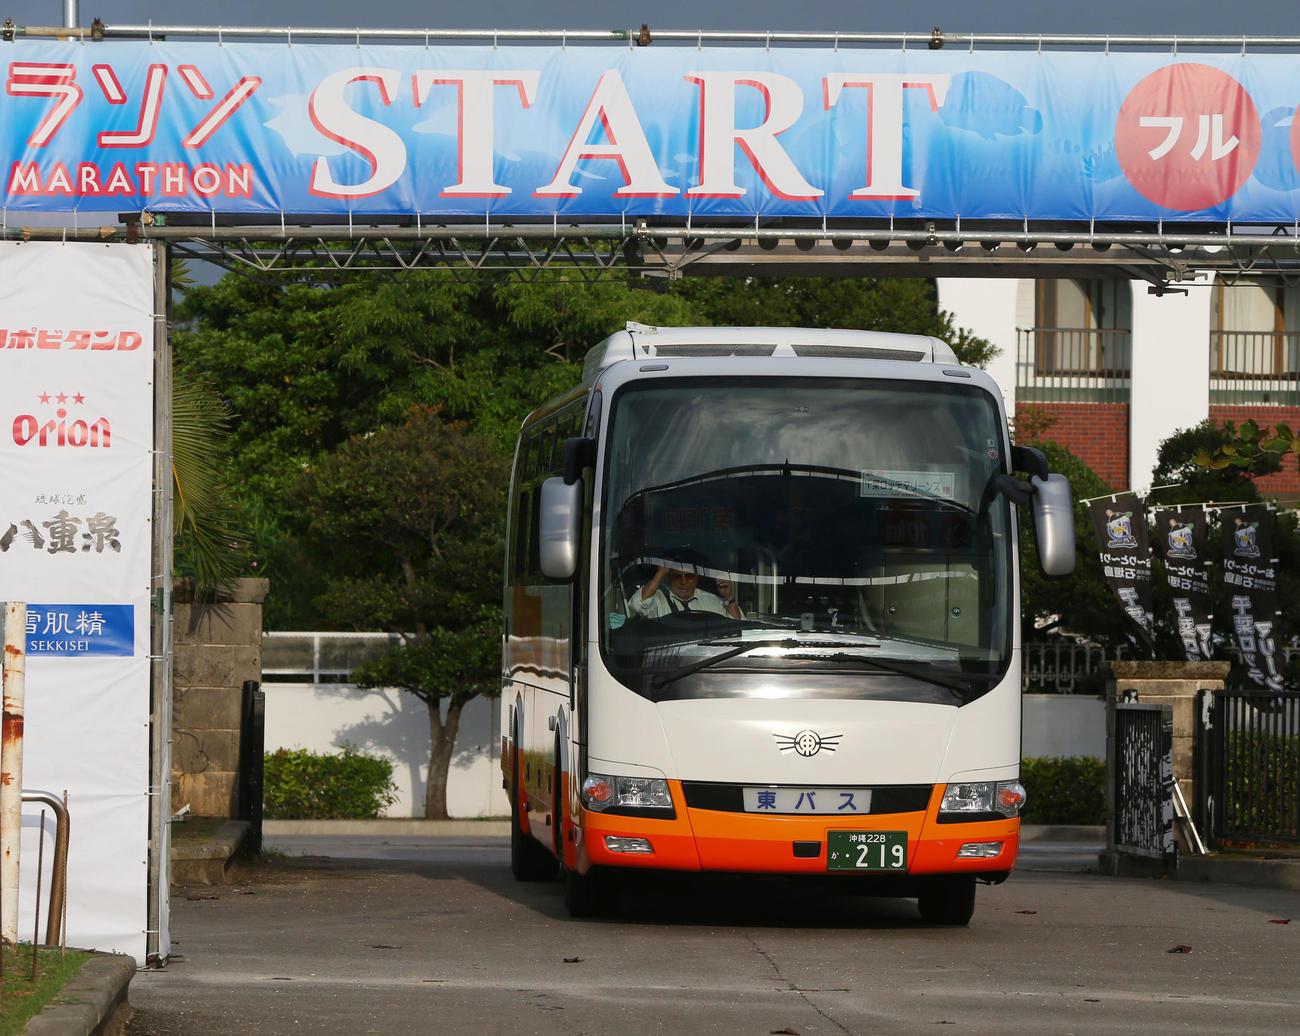 ロッテの選手たちを乗せたバスは前日行われたマラソンのスタートゲートに天井部分がぶつかりくぐれず停車する(撮影・垰建太)